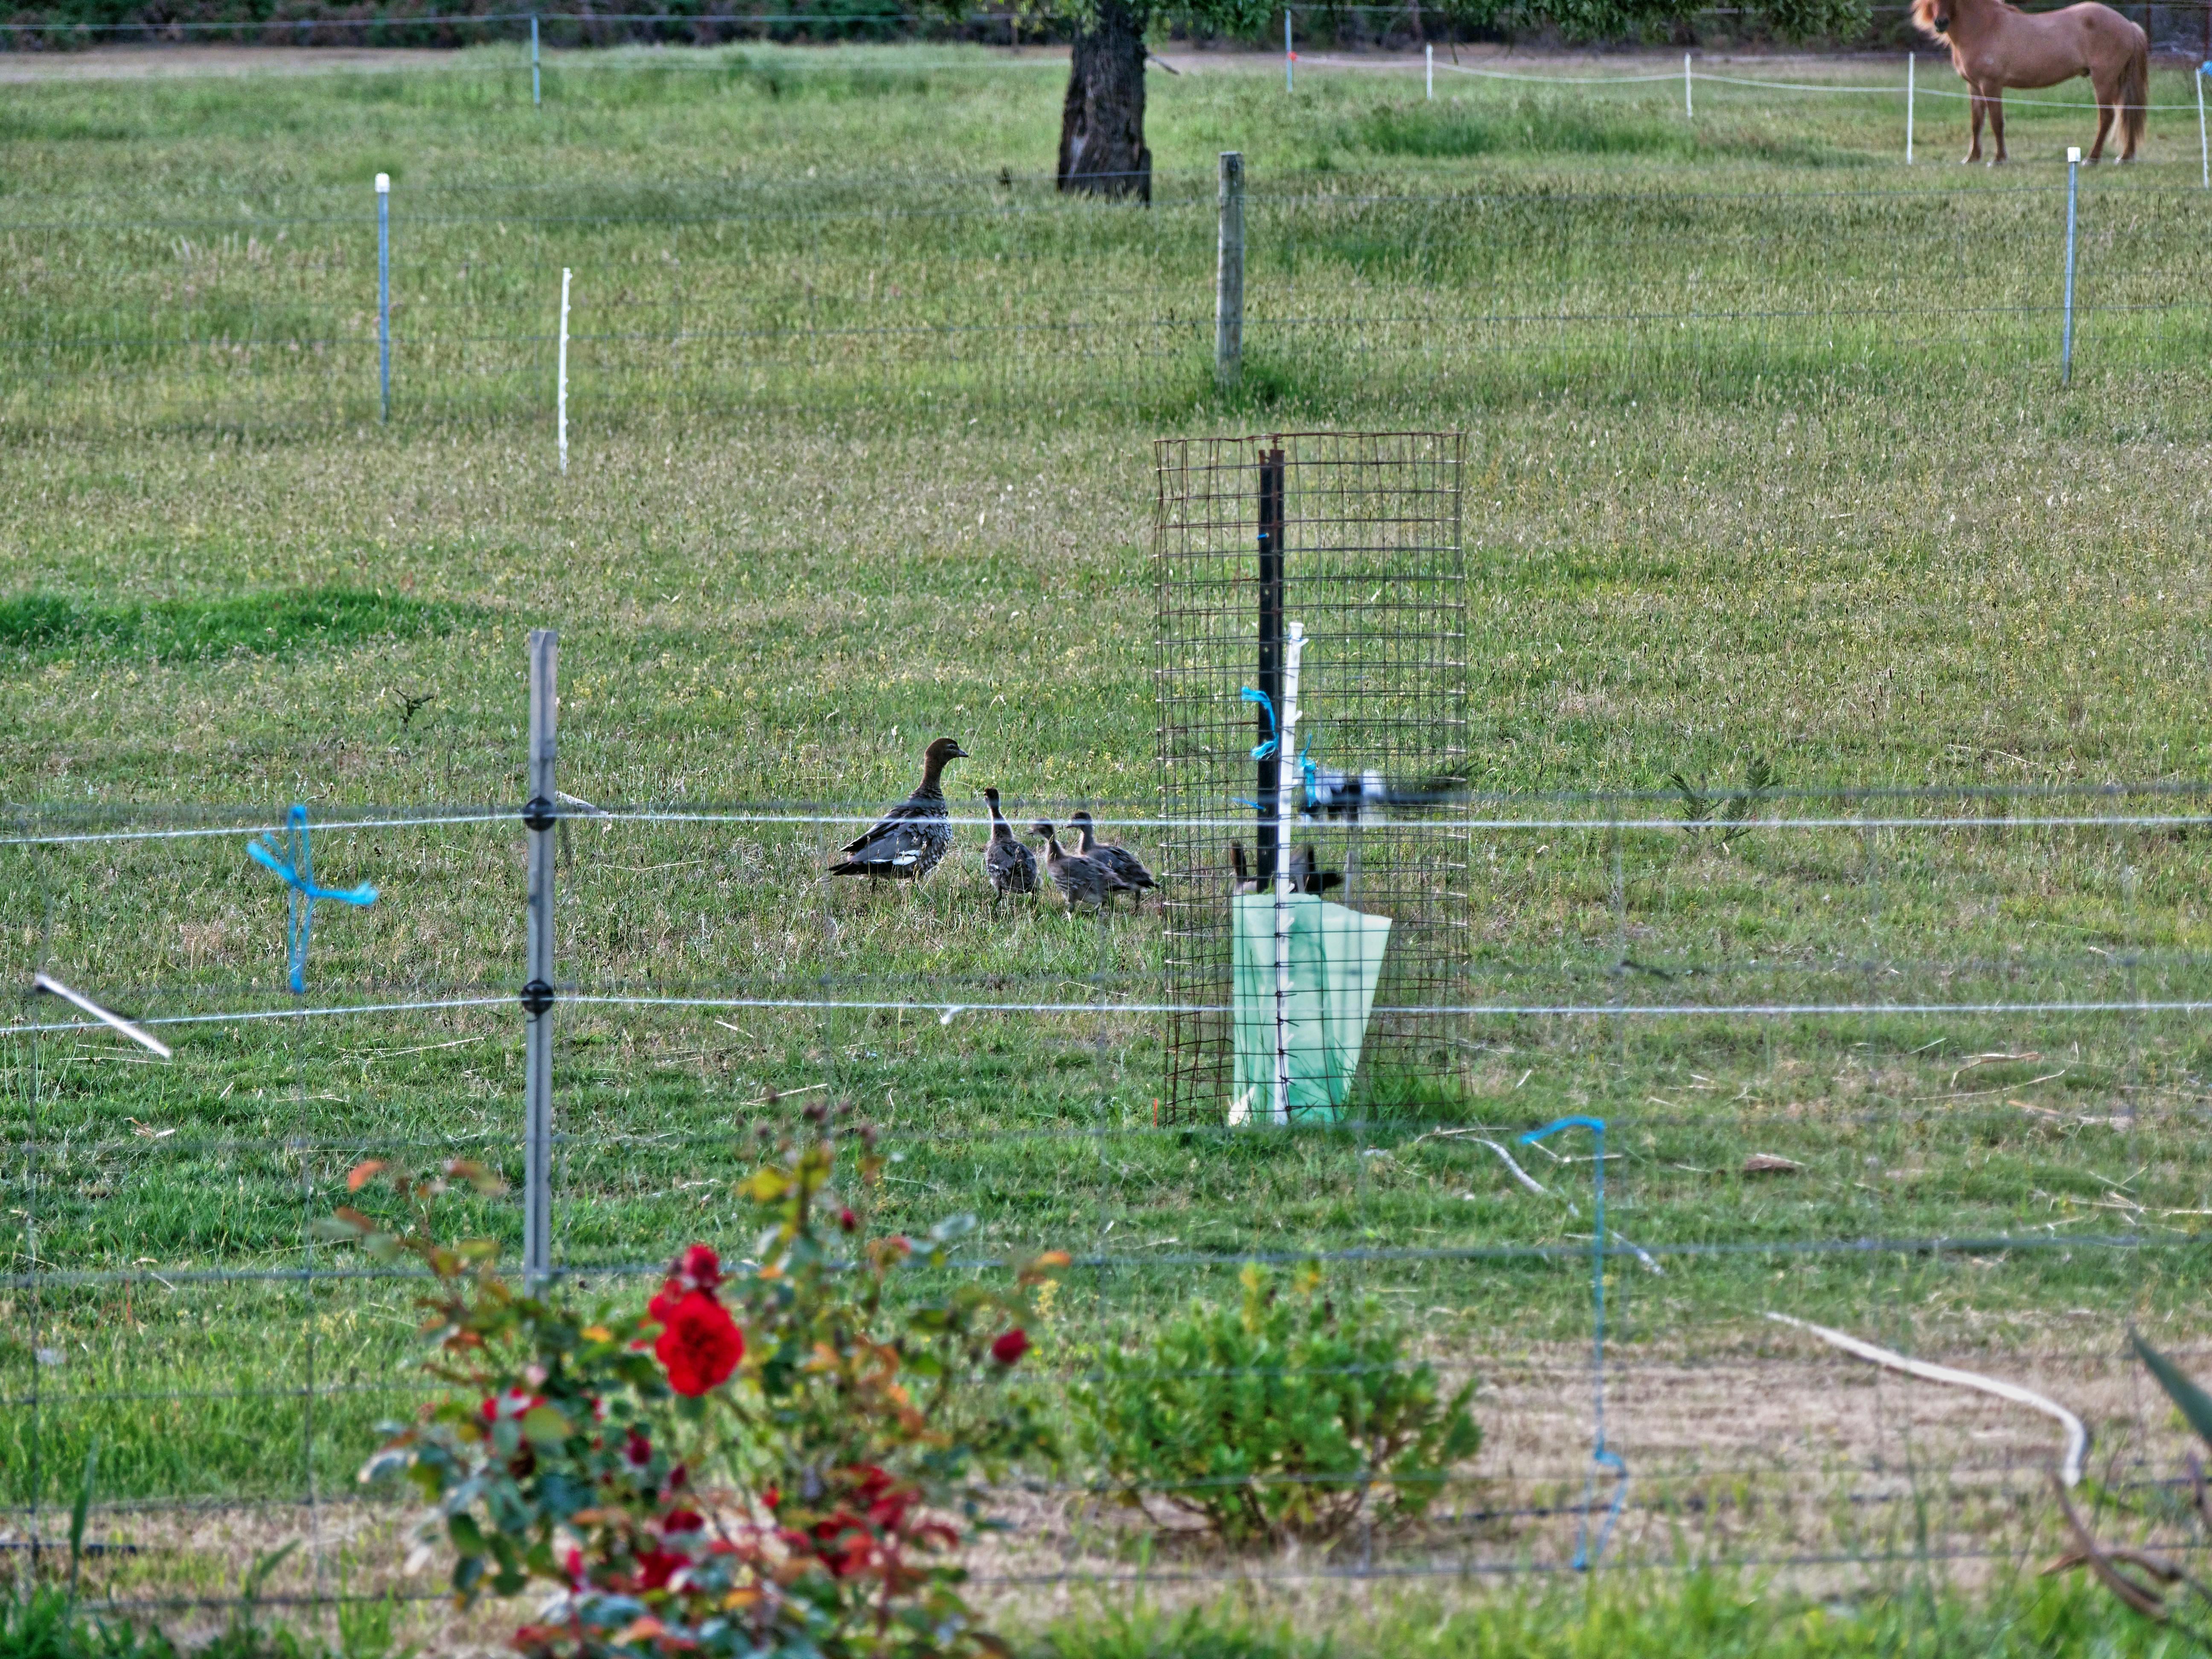 Magpies-and-ducks-5.jpeg